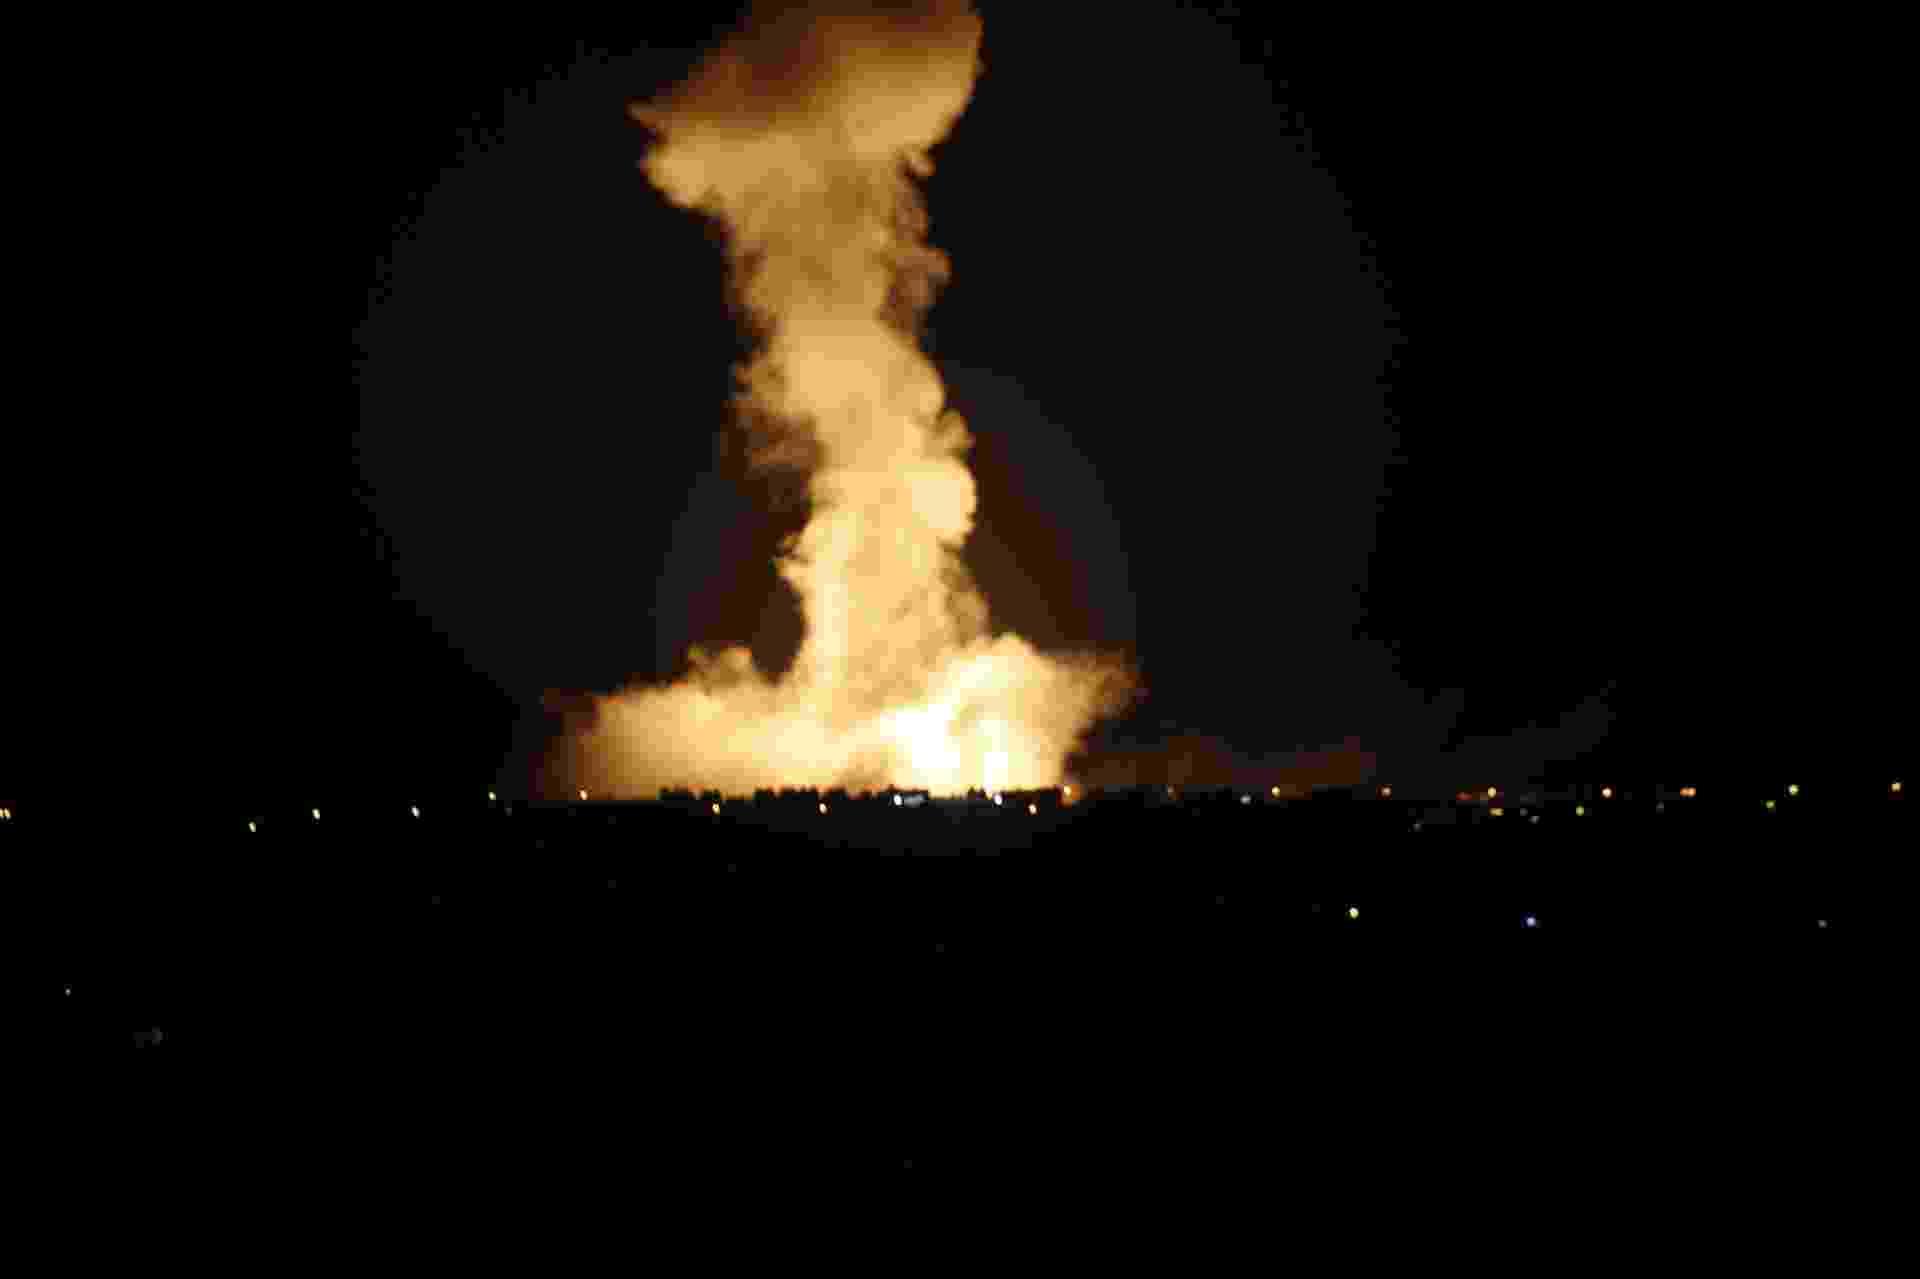 9.ago.2014 - Cidade de Rafah, no sul da faixa de Gaza, é atacada por bombardeio israelense. O Exército de Israel matou ao menos cinco palestinos nesta sexta-feira (8), e militantes dispararam dezenas de foguetes contra o Estado judeu após tentativas de estender uma trégua de três dias falharem - Said Khatib/AFP